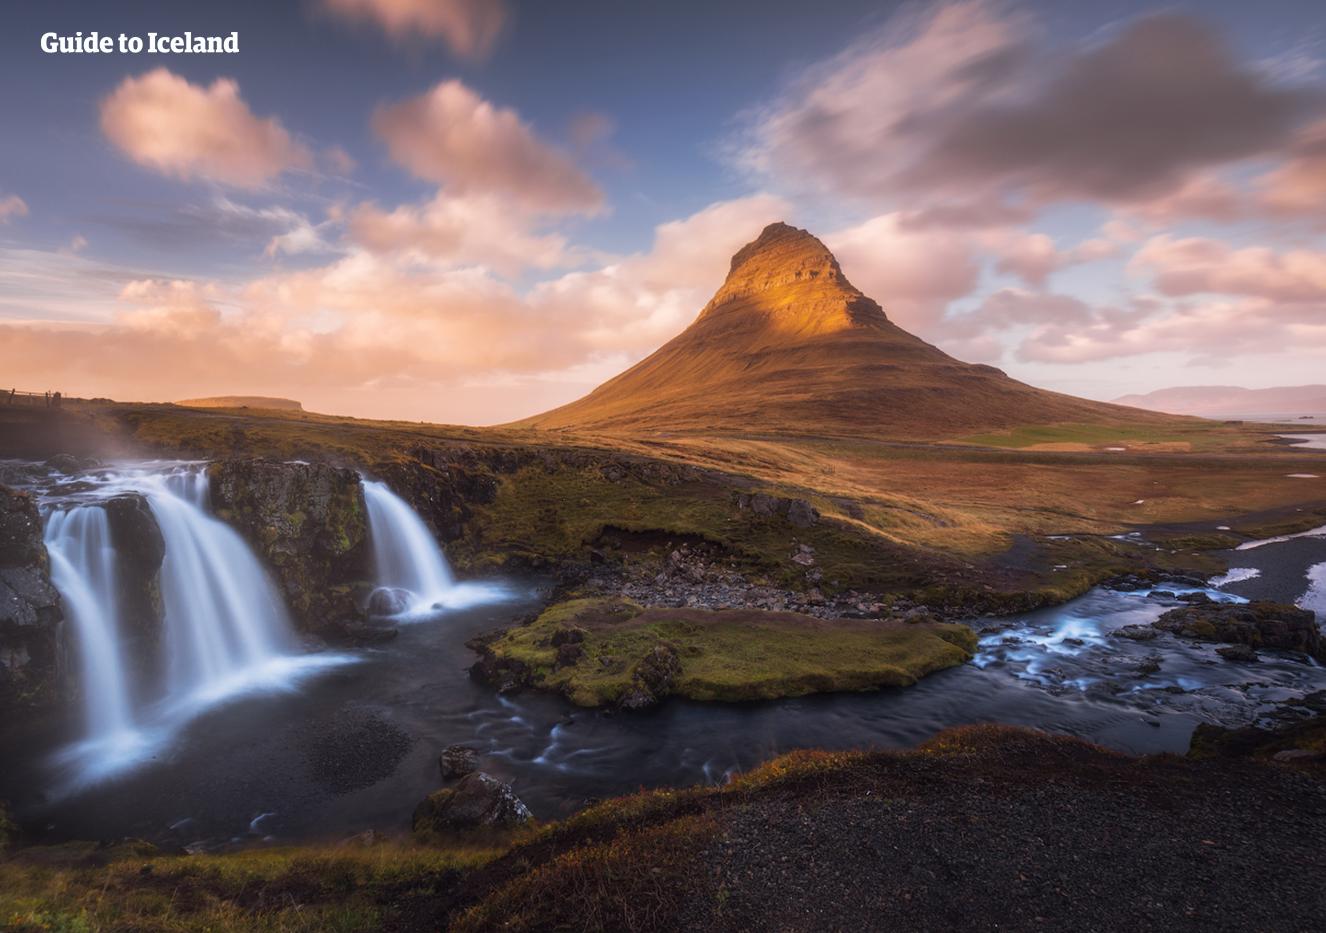 An der Nordküste der Halbinsel Snaefellsnes befindet sich der bei Fotografen und Bergsteigern gleichermaßen beliebte Berg Kirkjufell.